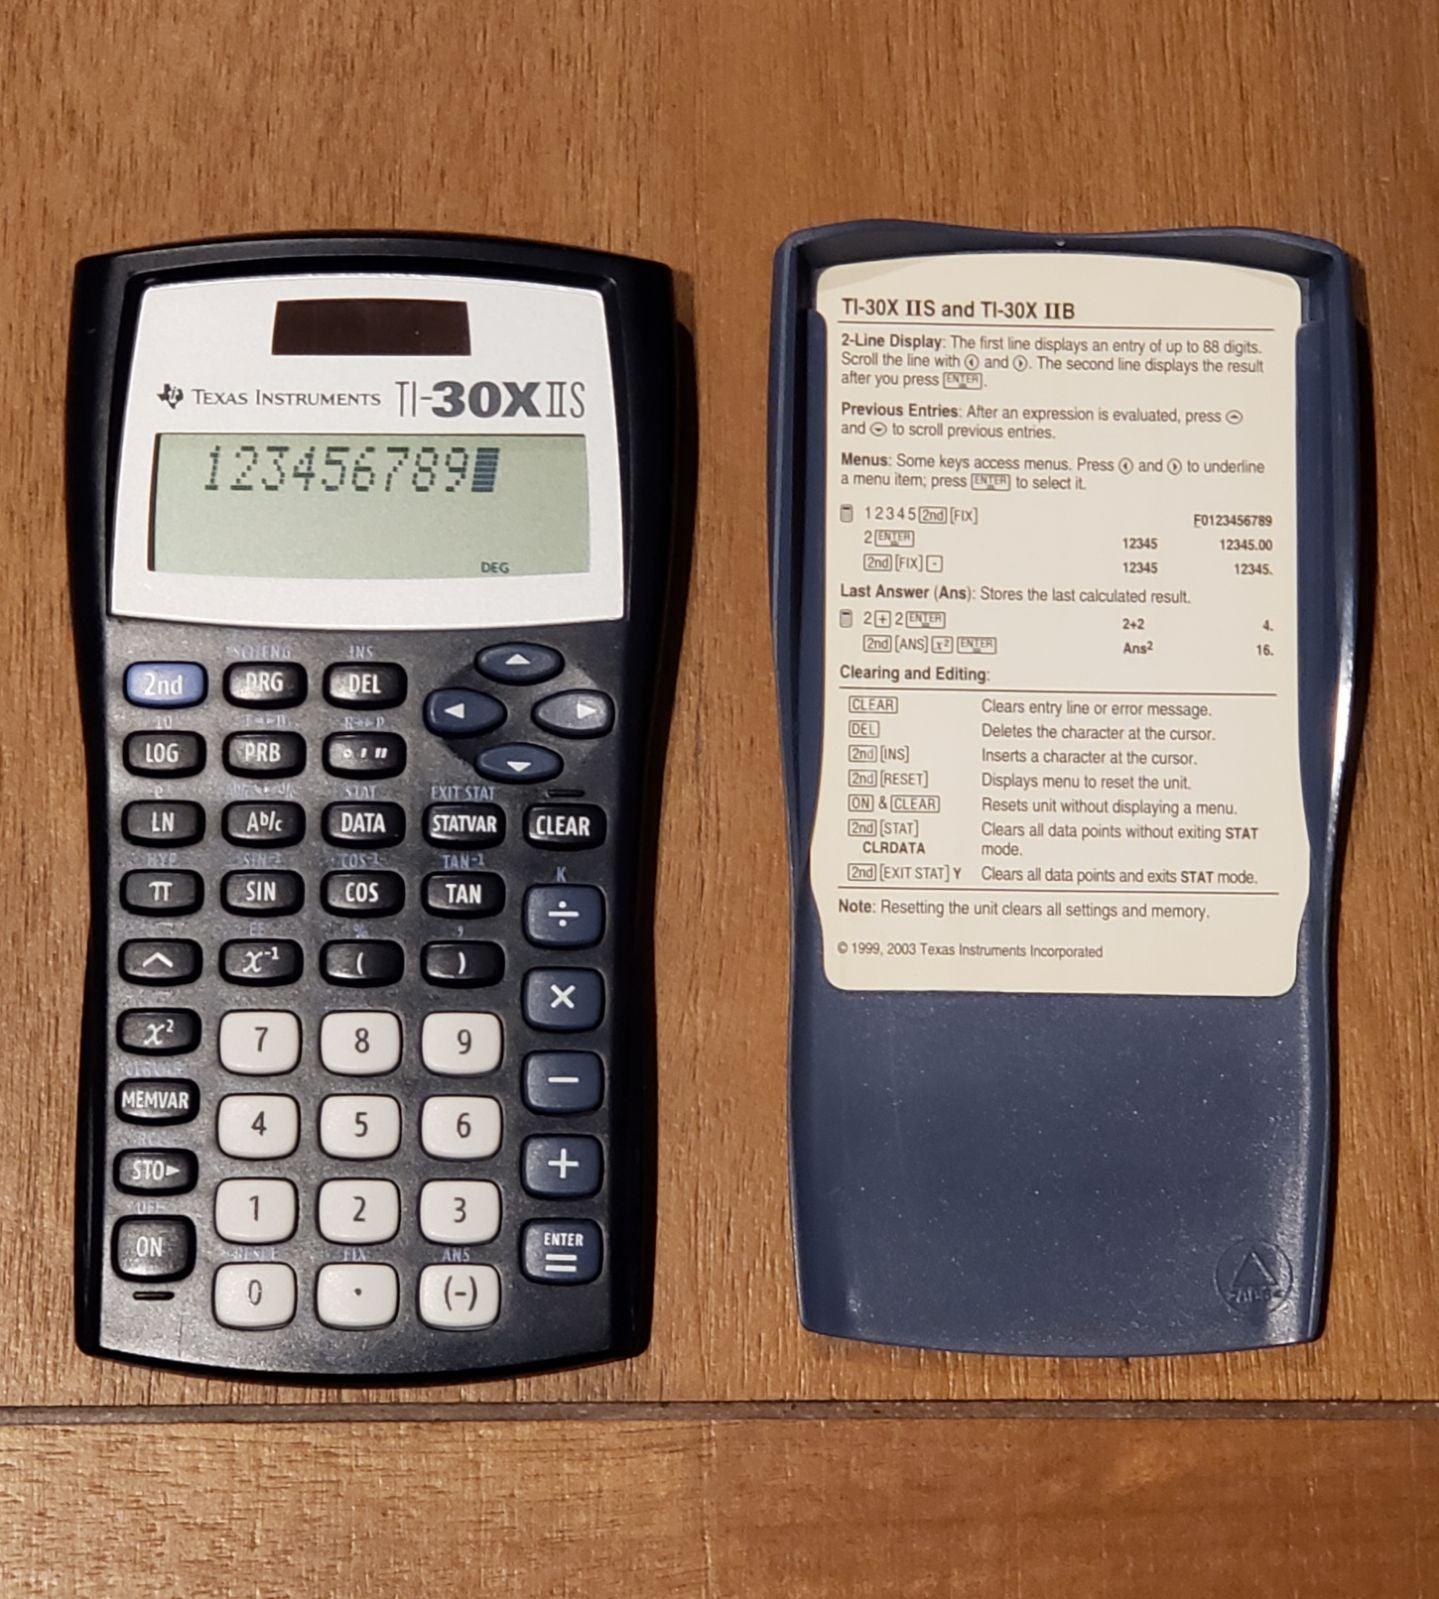 Texas Instruments 30XiiS/TBL/1L1/AX Calc